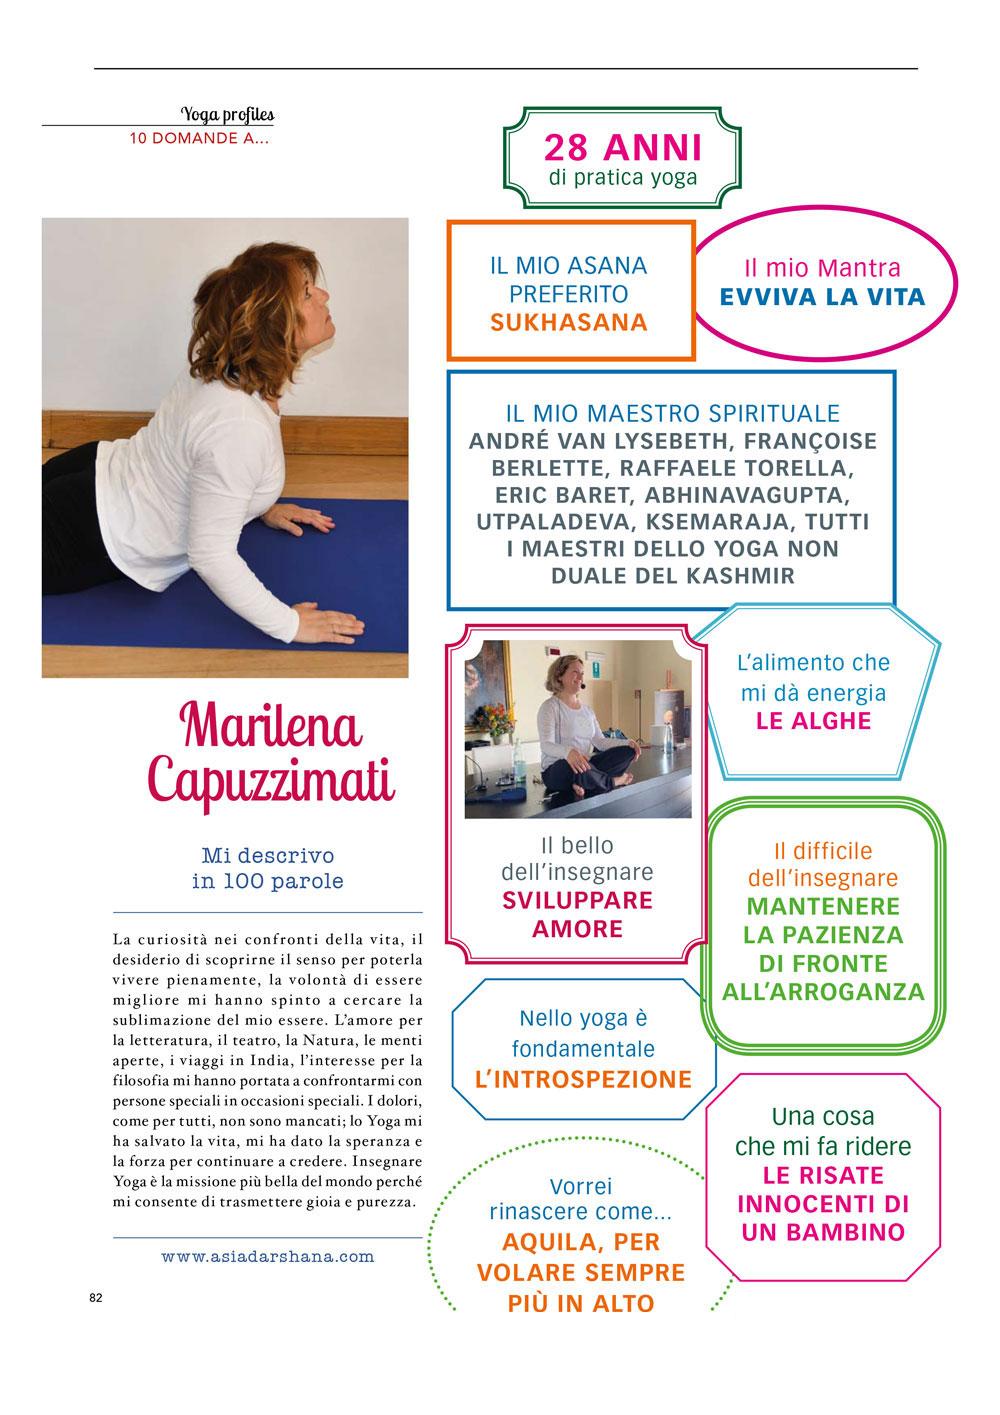 10 domande a Marilena Capuzzimati